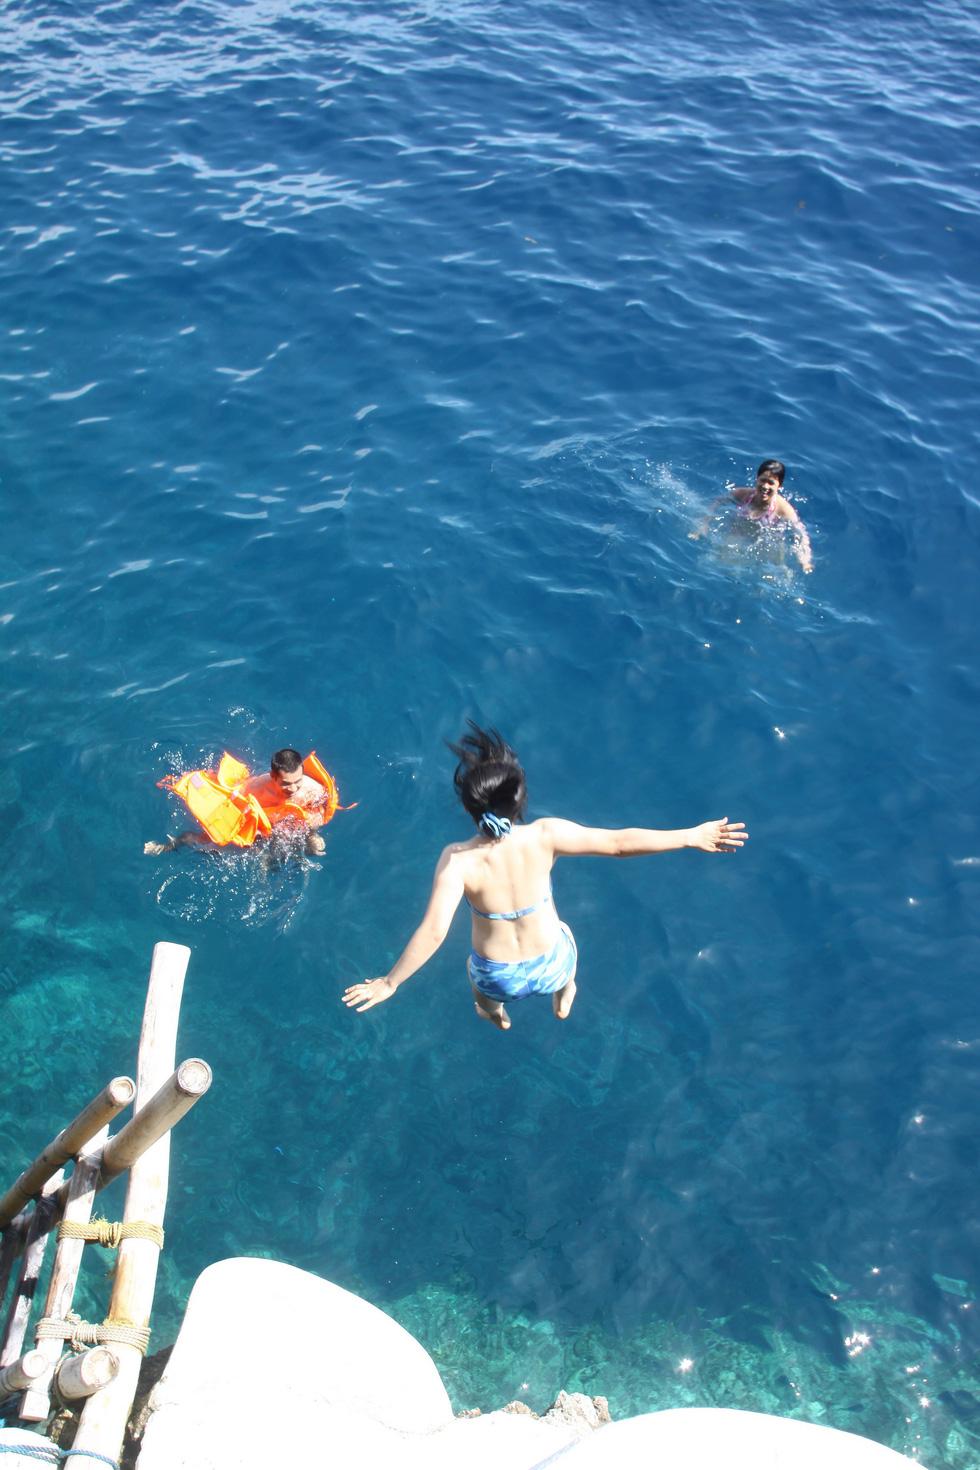 Nhảy xuống biển từ vách đá tại đảo thiên đường Philippines - Ảnh 5.